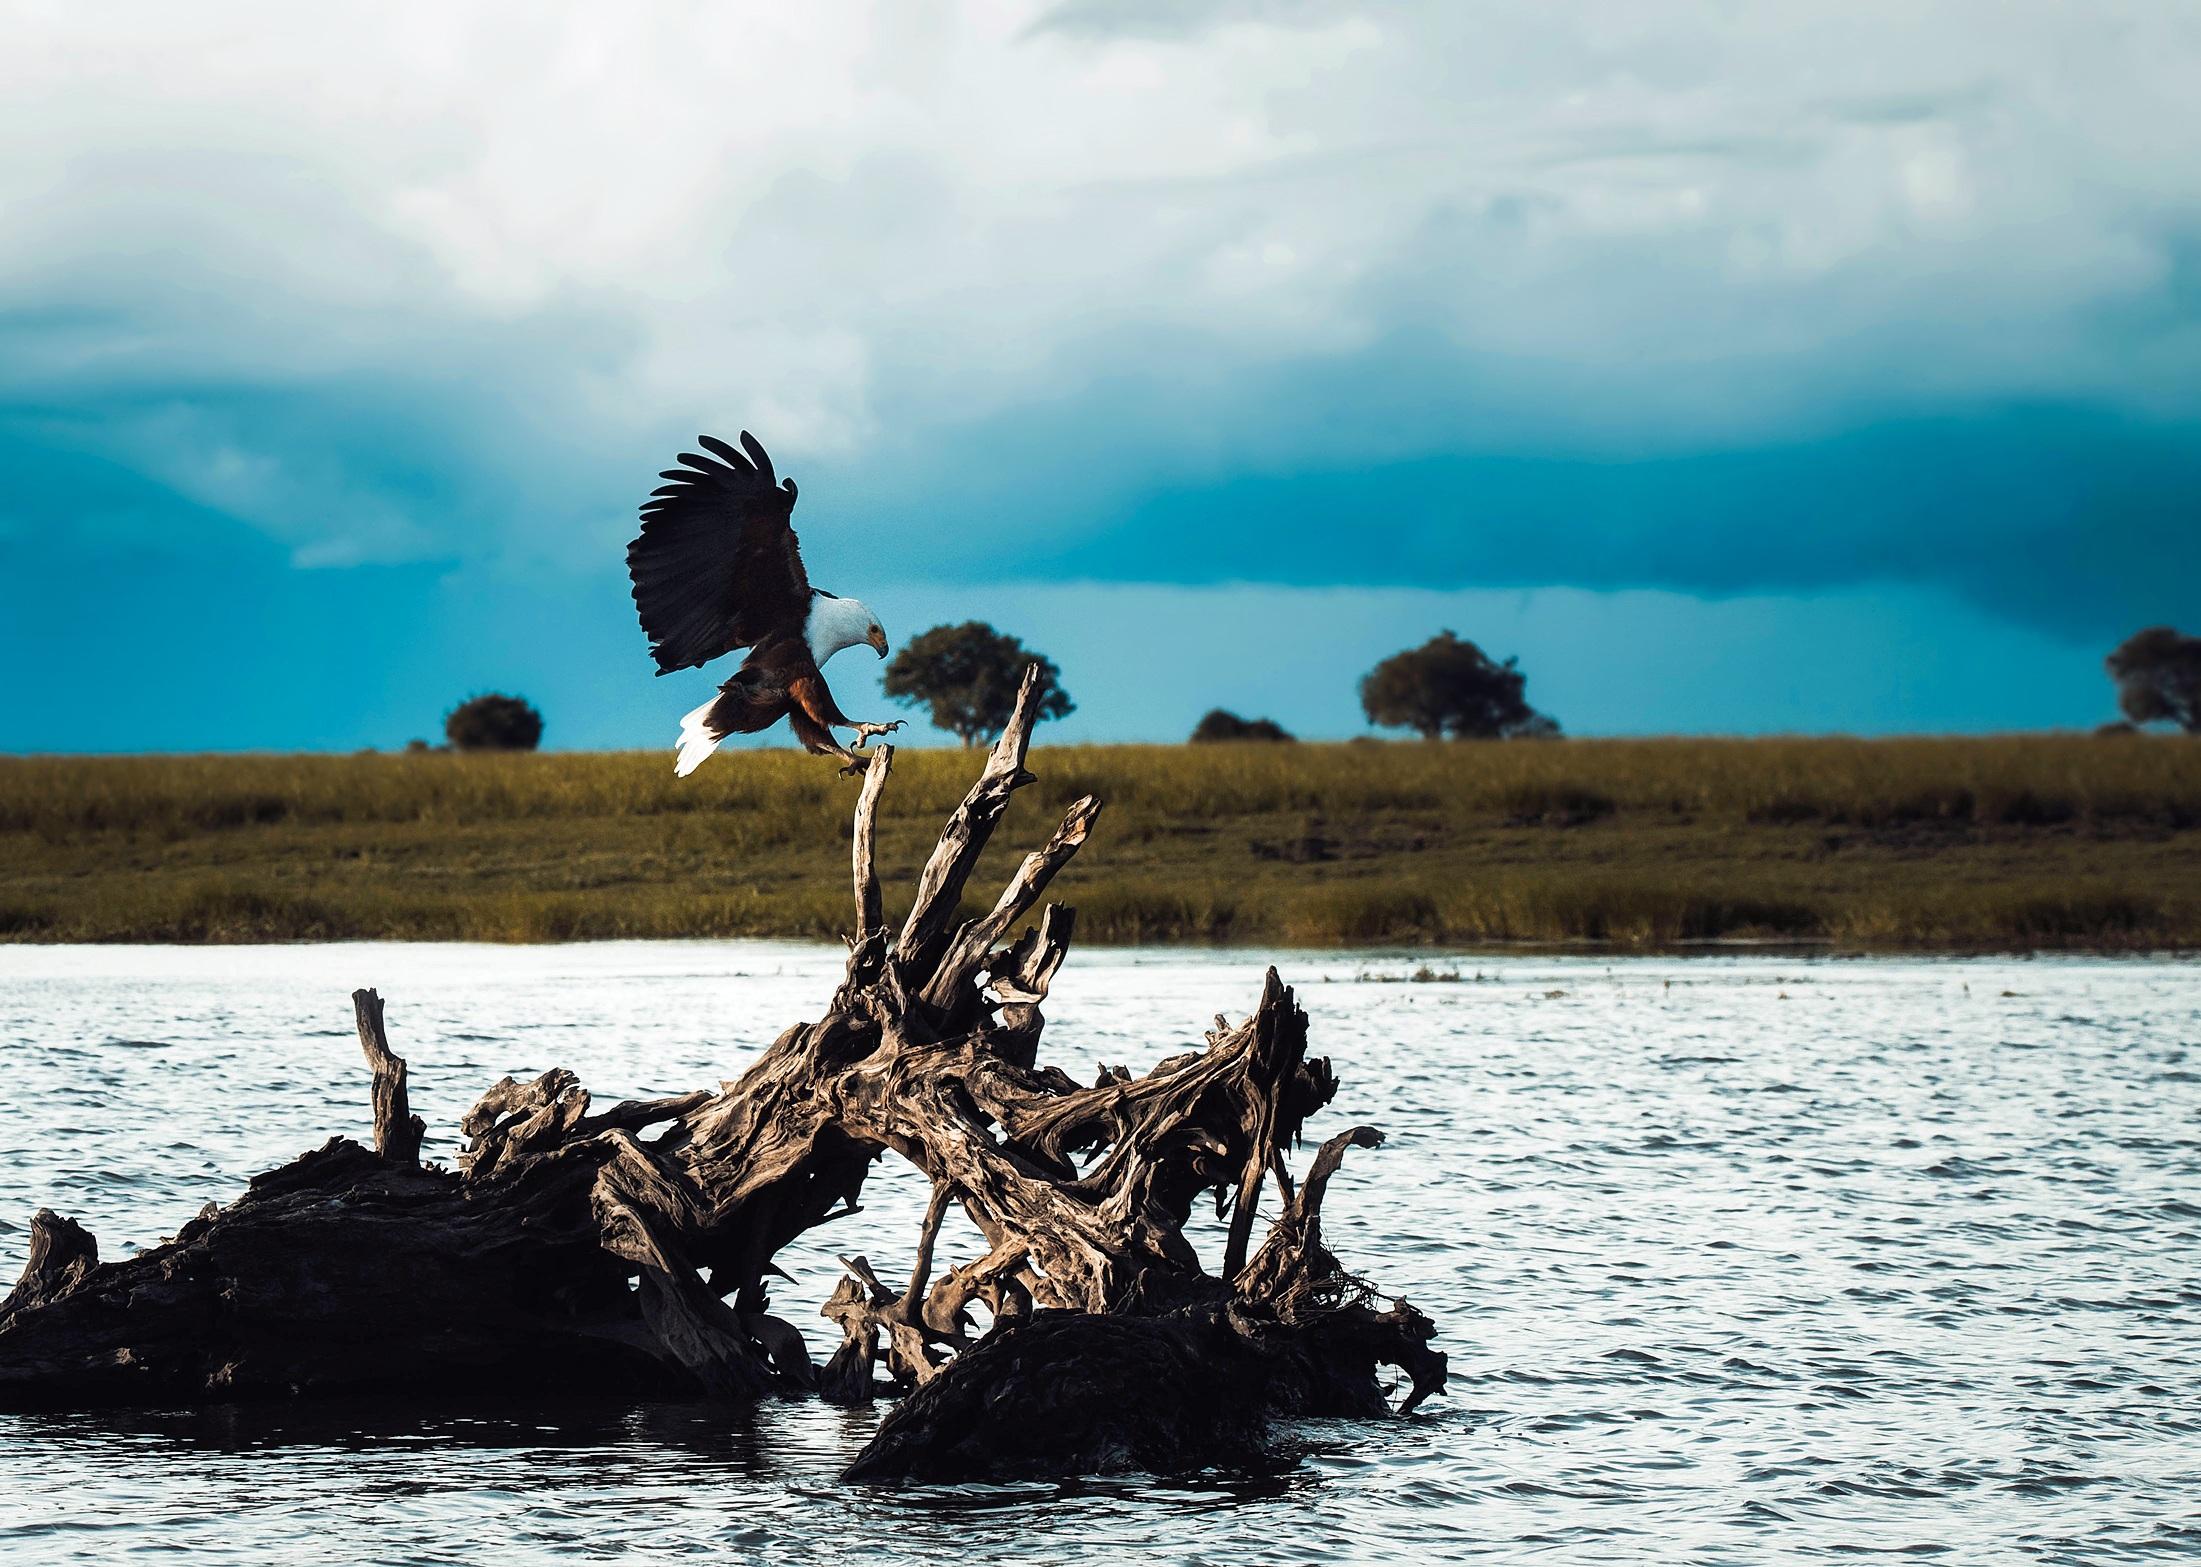 bald-eagle-1970606.jpg